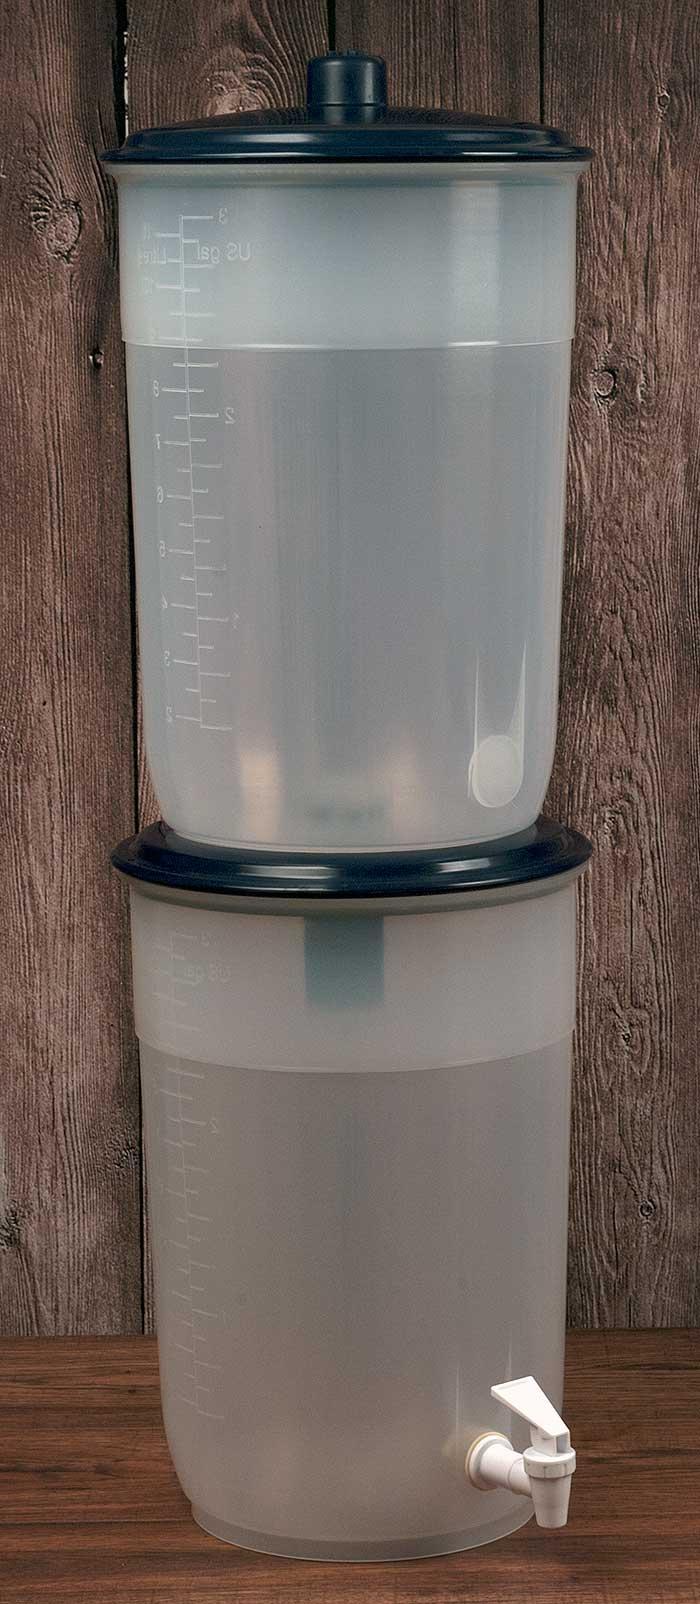 EZ Filter System